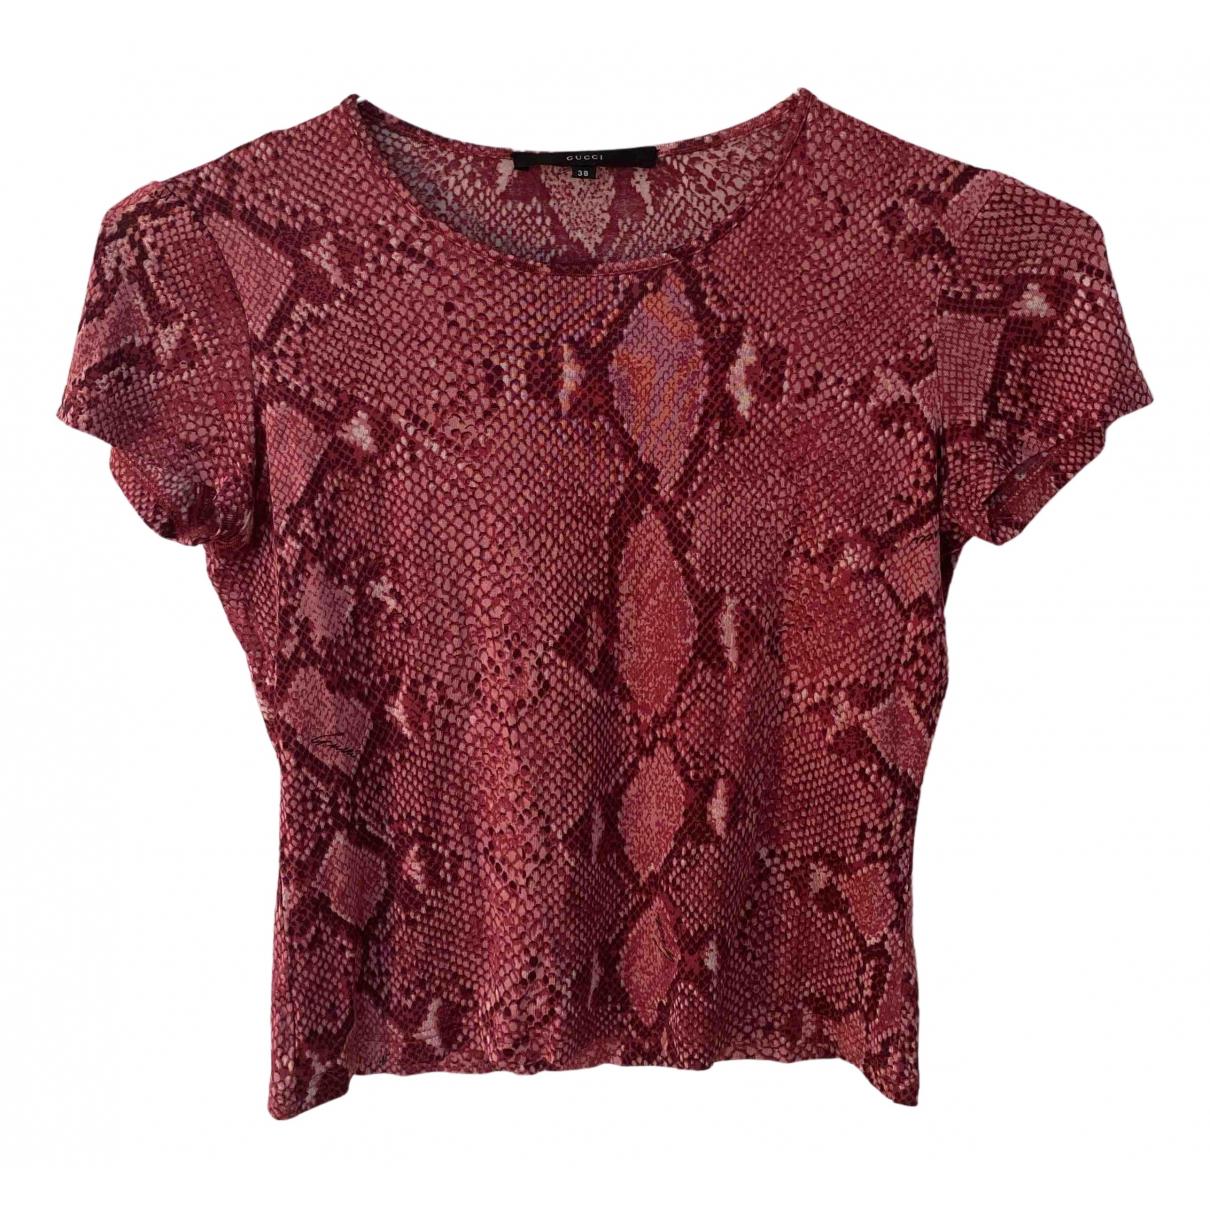 Gucci - Top   pour femme - rose